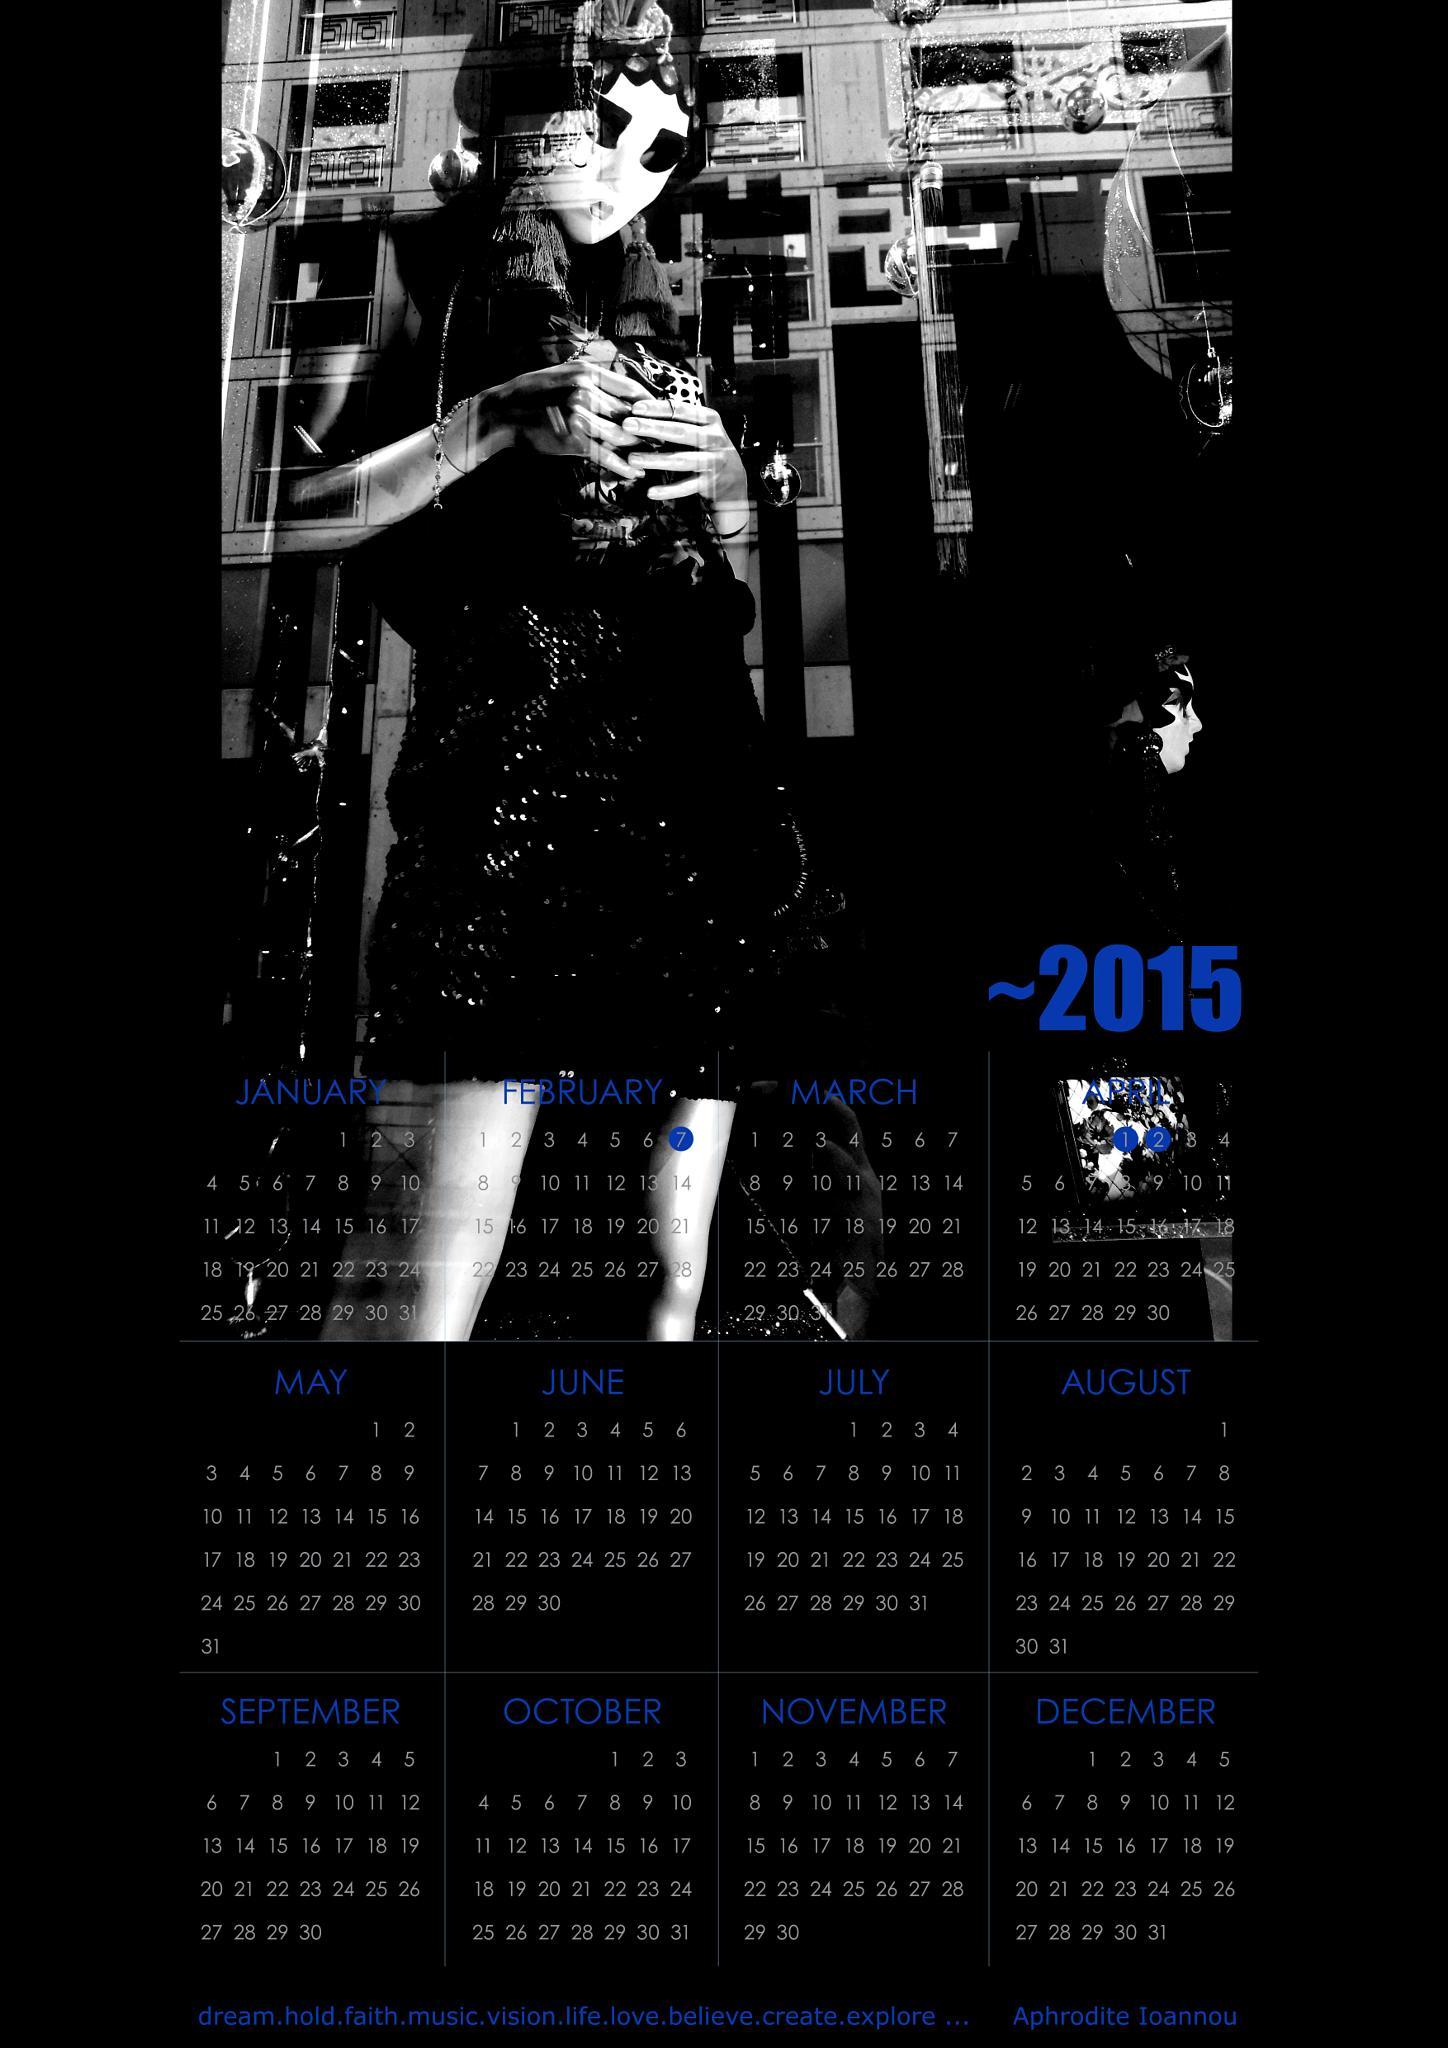 2015 Photo Calendar by Aphrodite Ioannou by aphrodite_ioannou